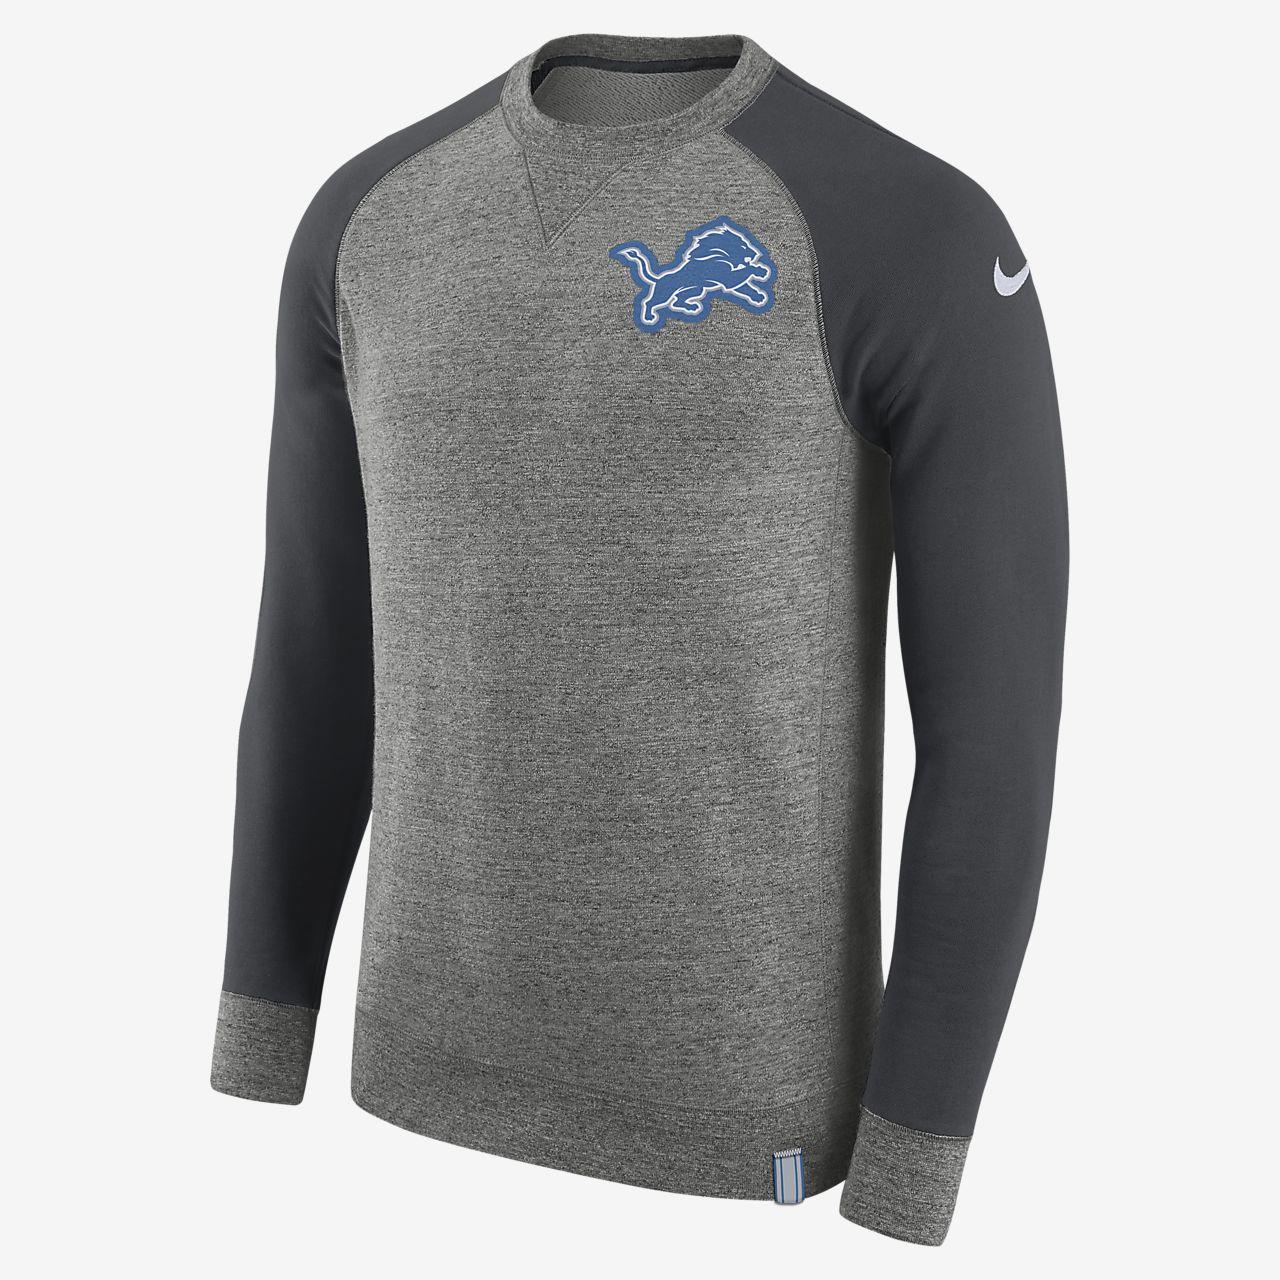 Ανδρική μπλούζα Nike AW77 (NFL Lions)